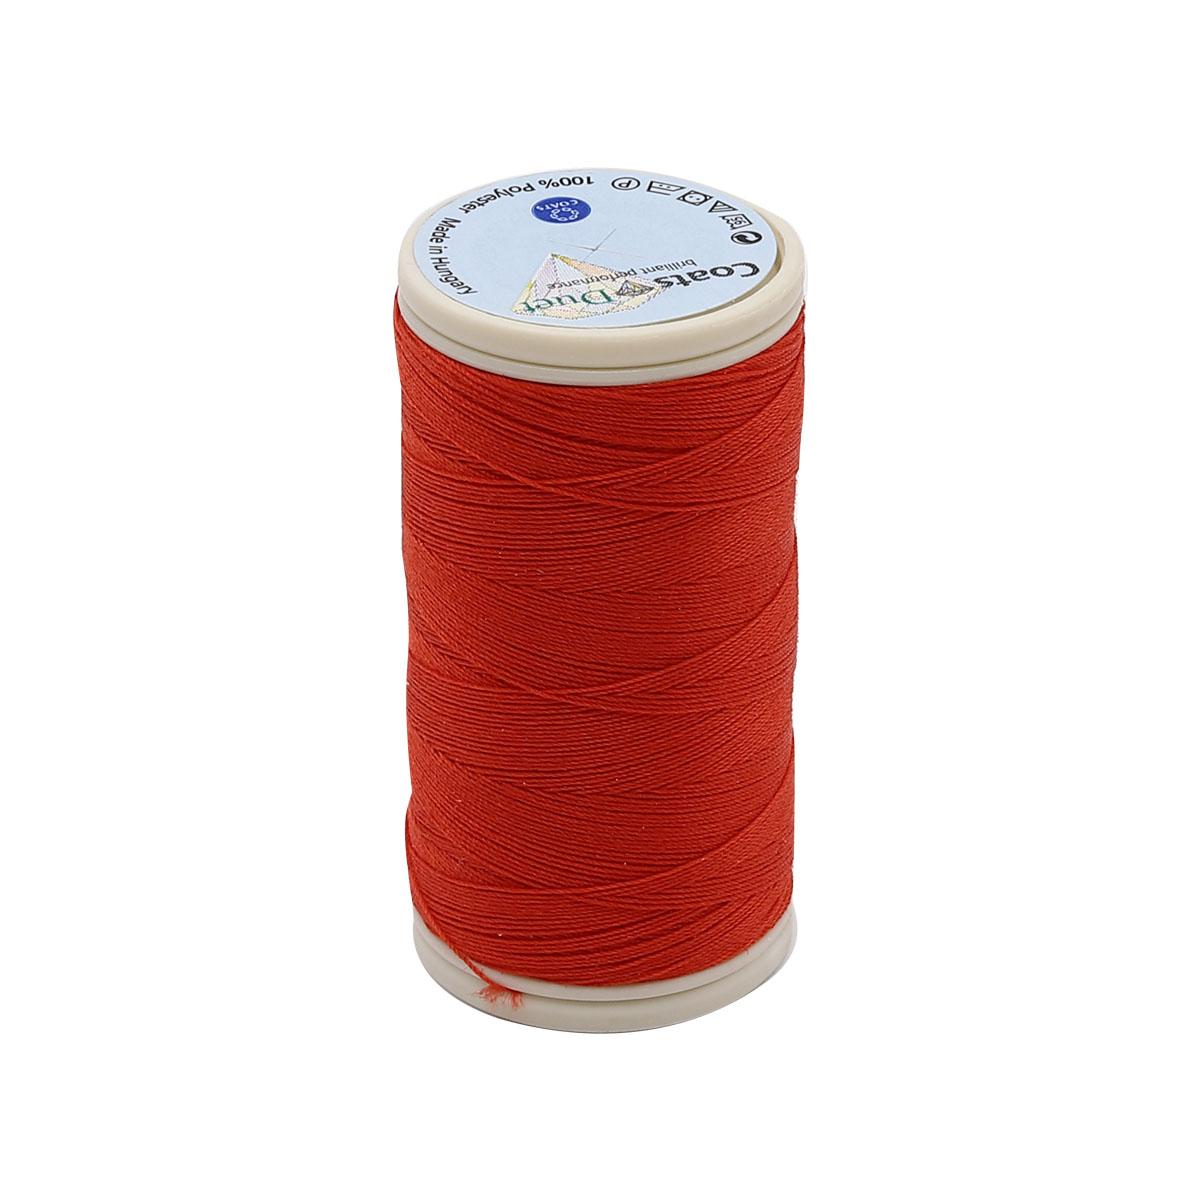 4645100-08778 Нитки швейные Coats Duet 100 м.